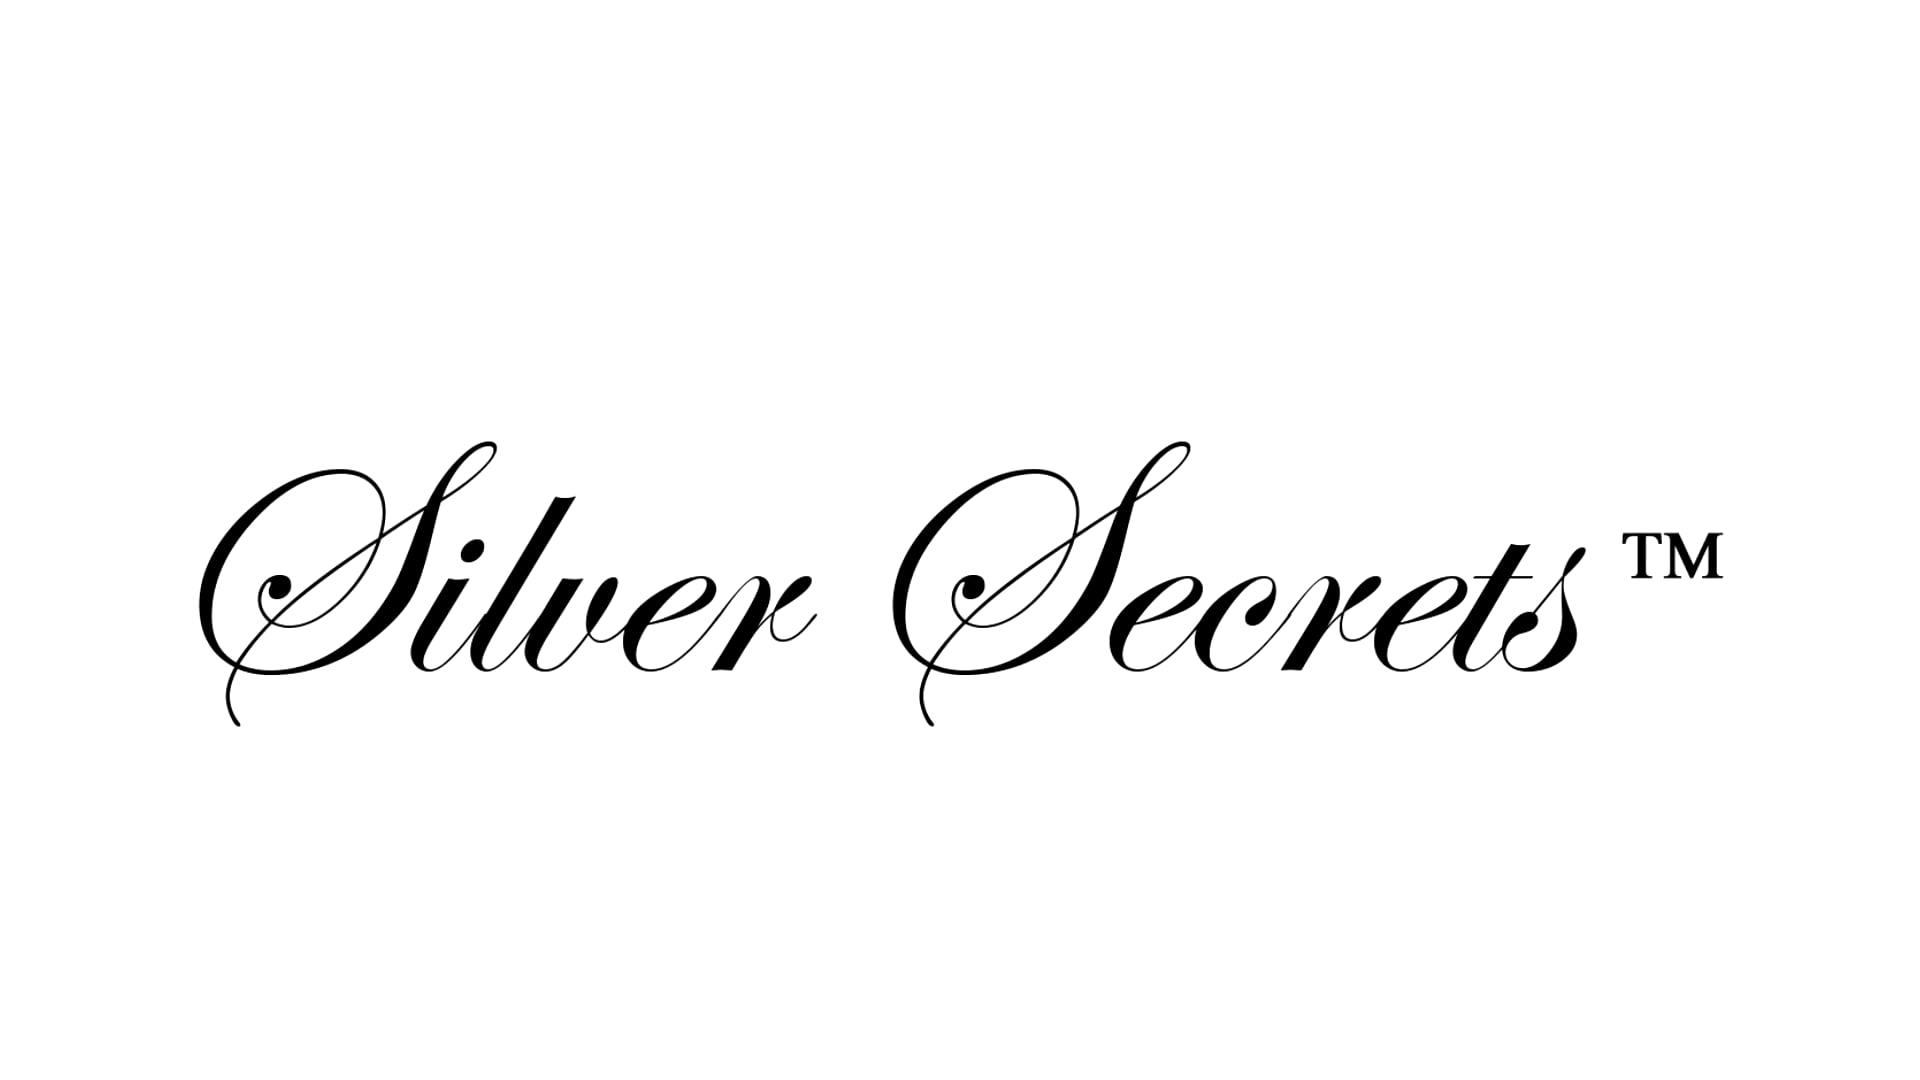 Silver Secrets Promo